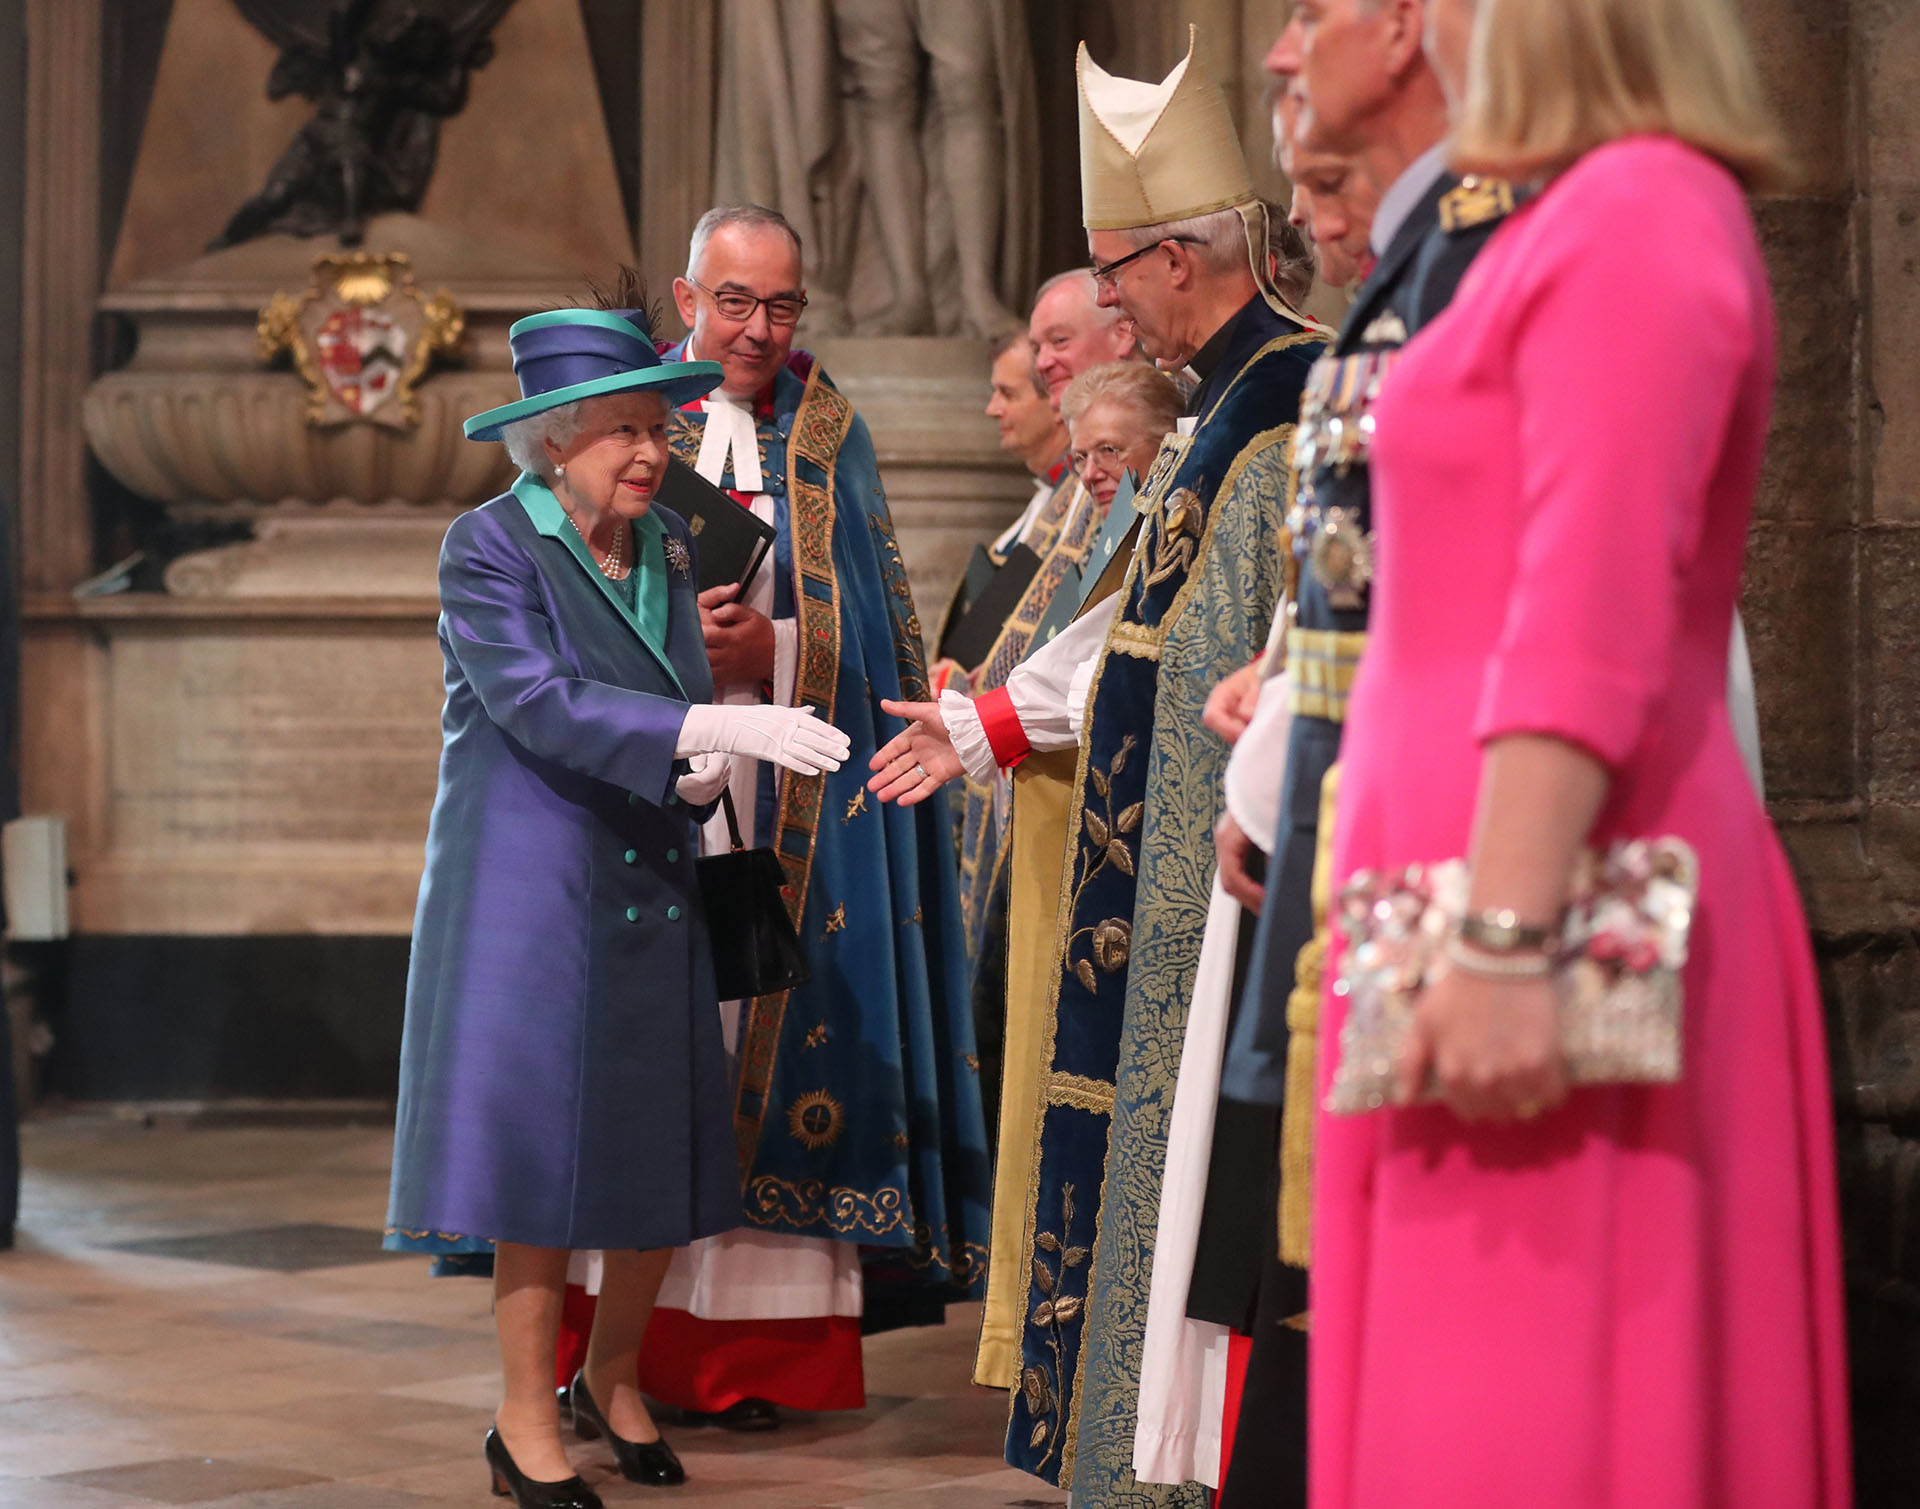 La monarca eligió una delicada combinación de colores: un tapado violeta tornasol con detalles turquesa, incluso en su sombrero